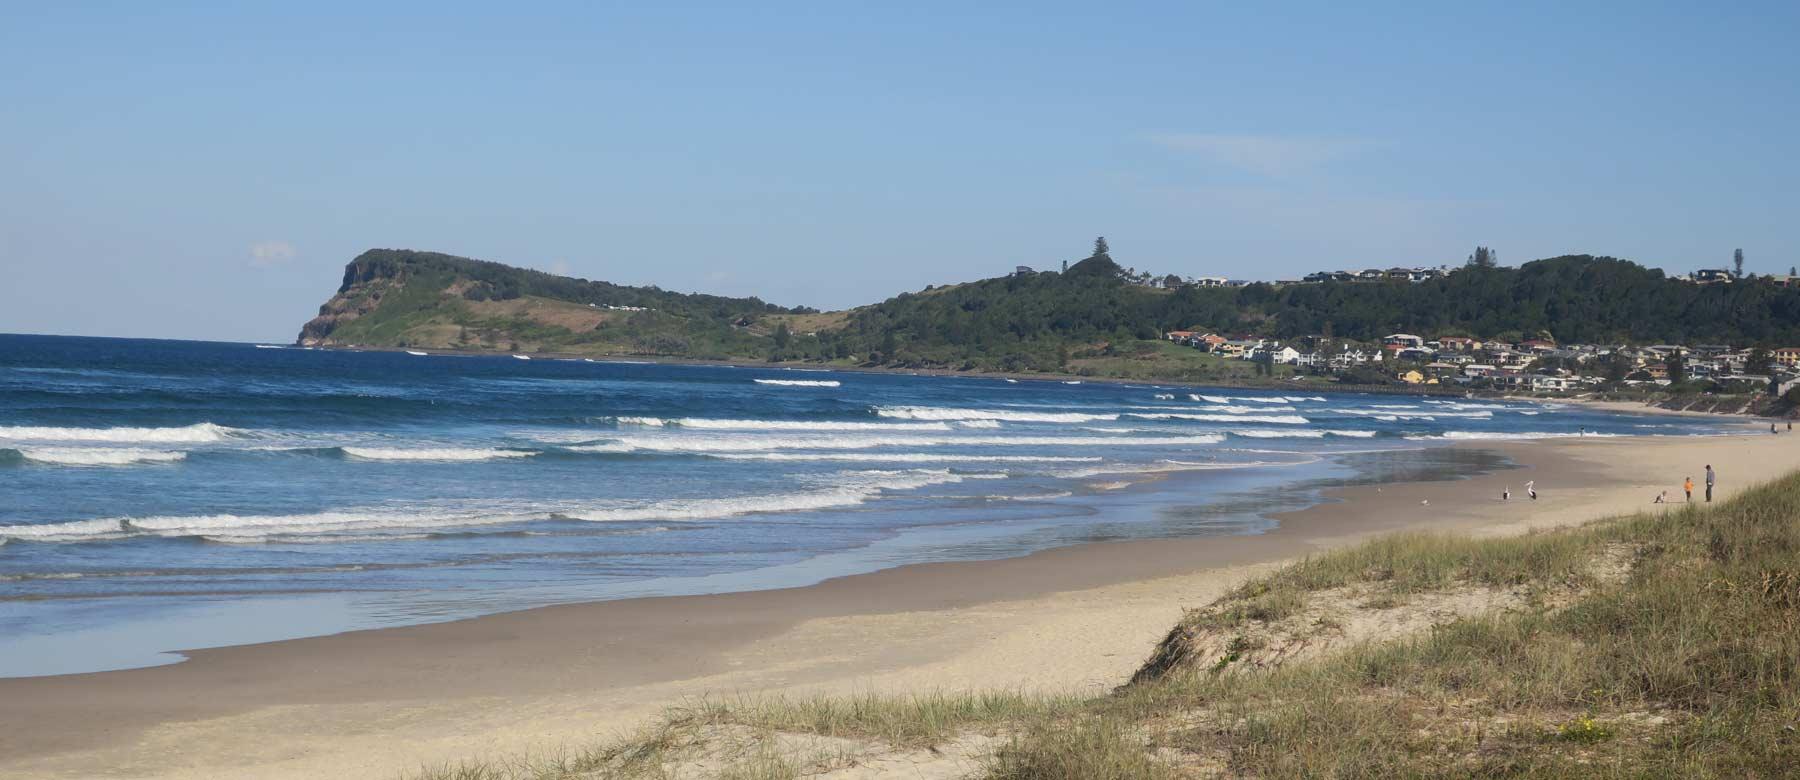 LennoxHead-beach